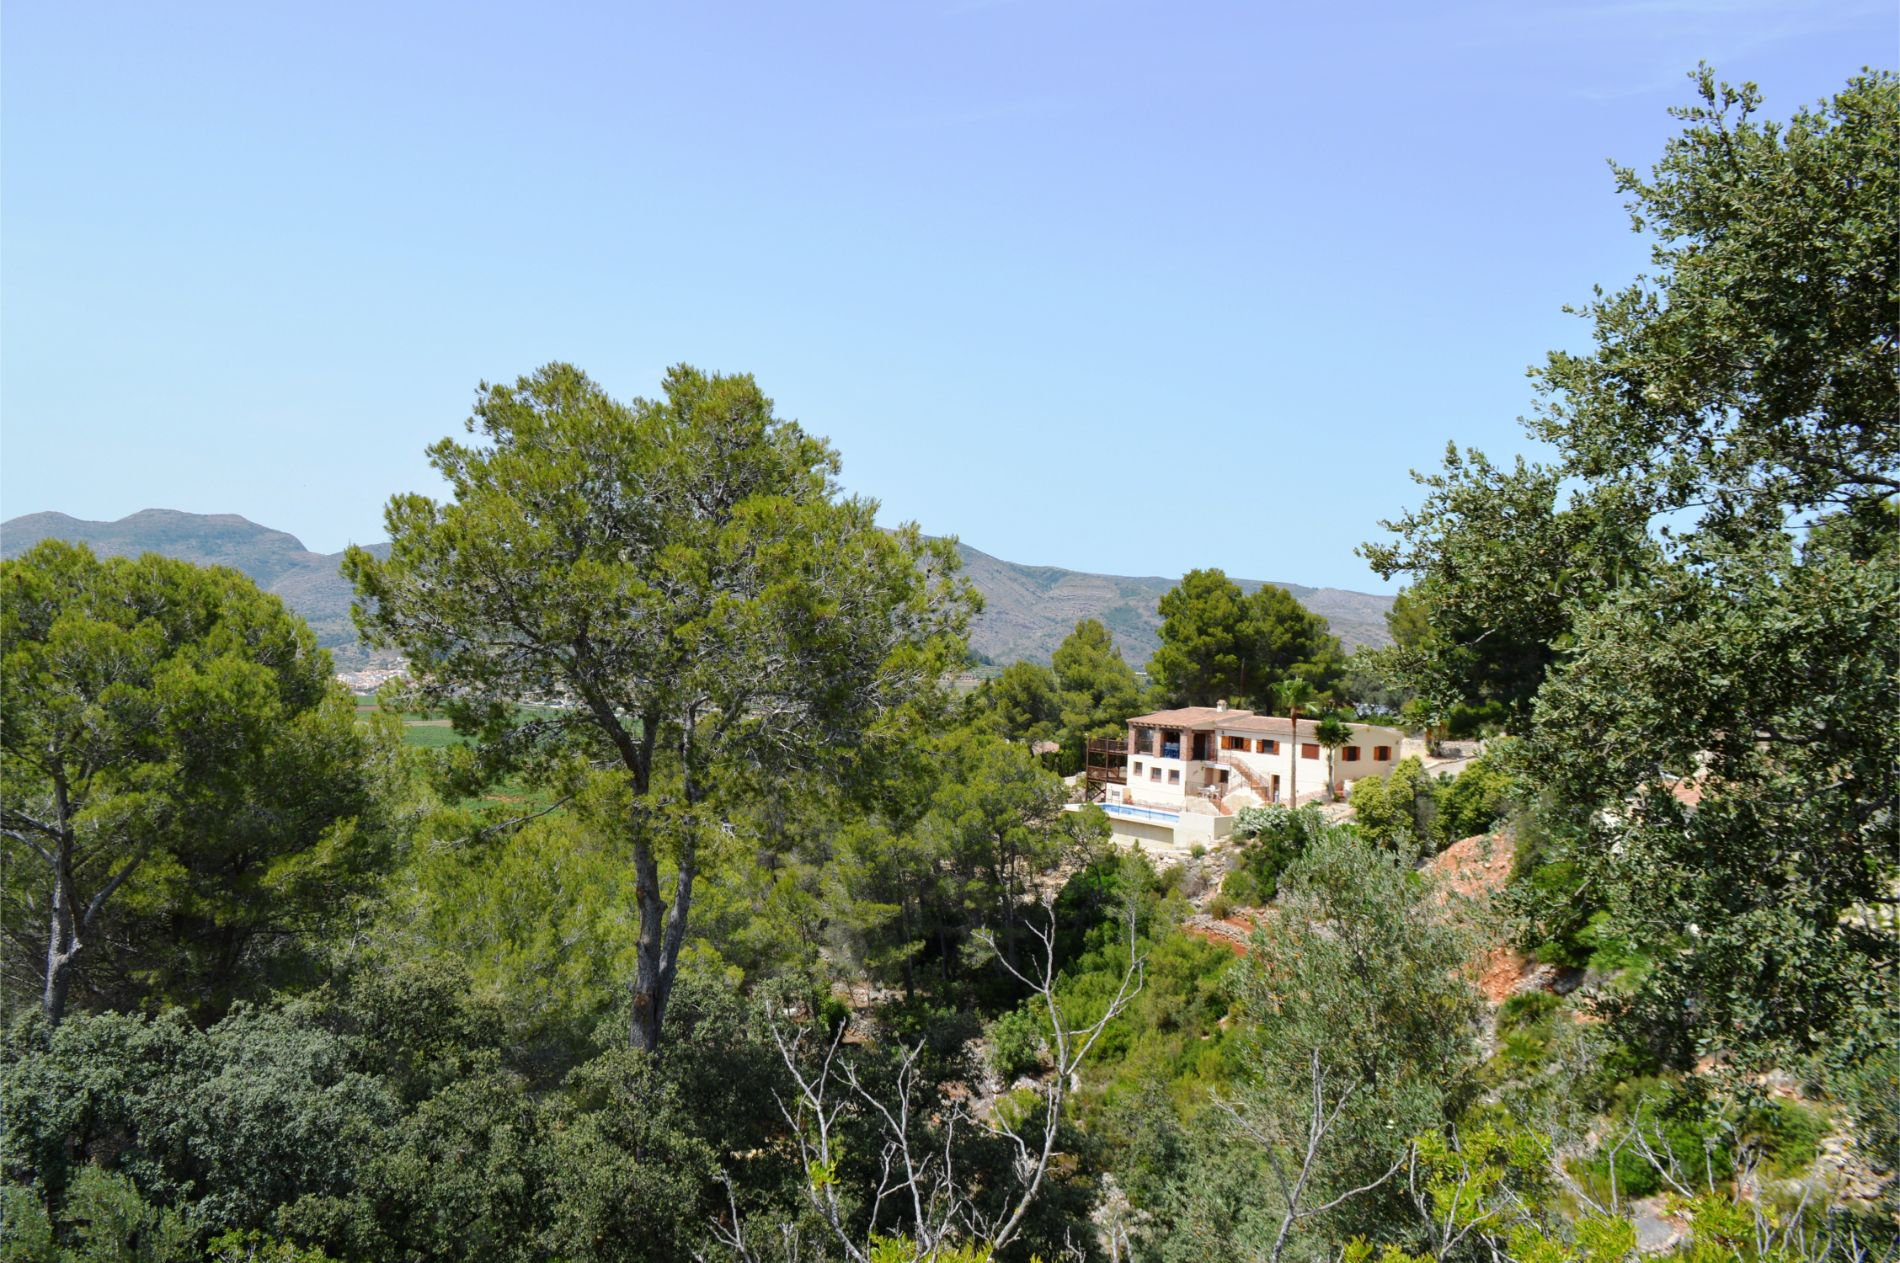 Villa privée impressionnante avec une vue imprenable sur la montagne